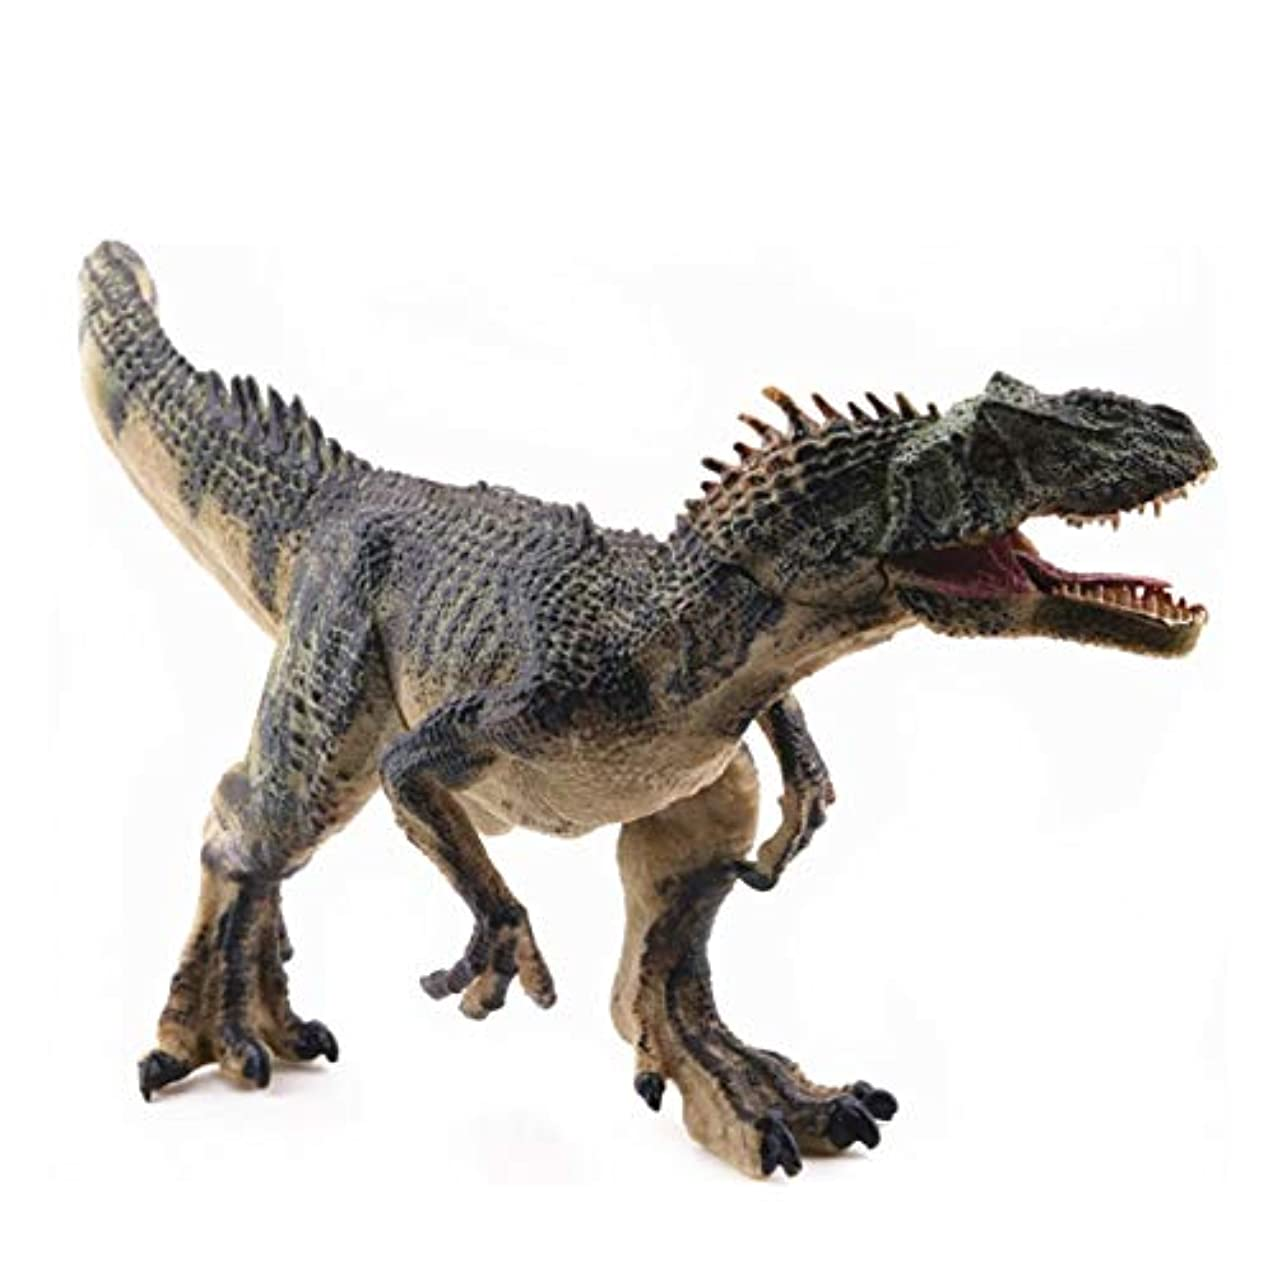 既に所有者良さSaikogoods シミュレーションアロサウルスリアルな恐竜の模型玩具置物アクションは 子供のためのホームインテリア教育玩具フィギュア 緑